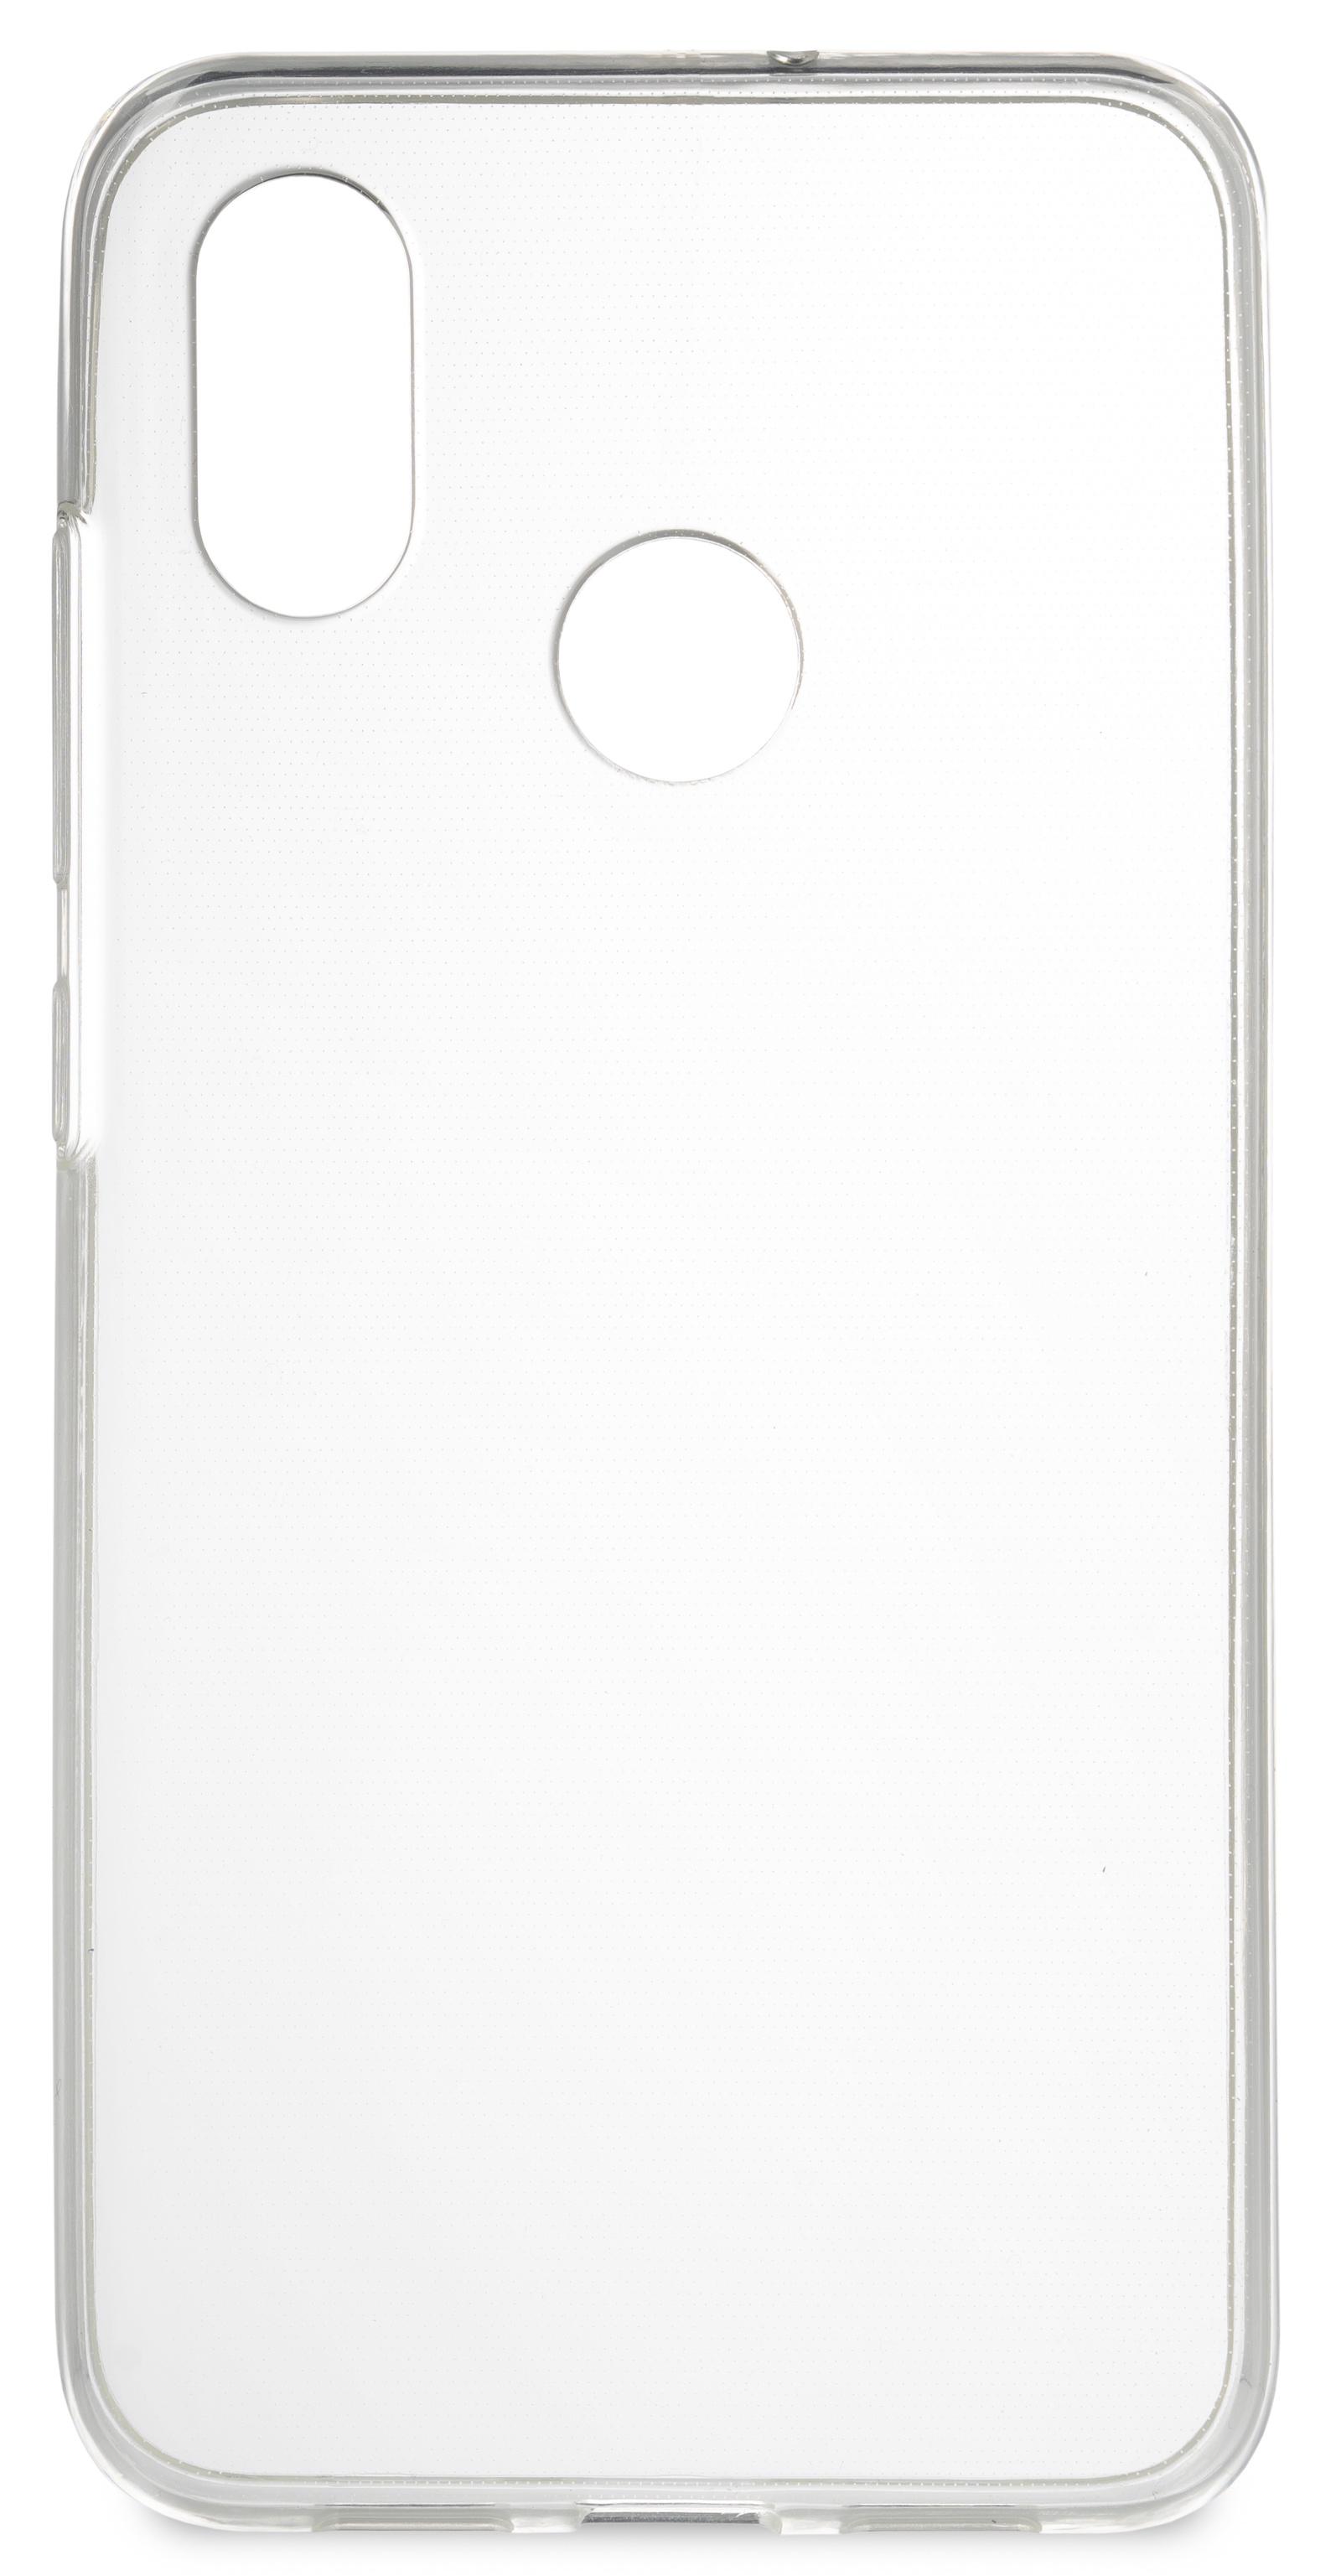 Накладка Skinbox Slim Silicone для Xiaomi Mi8, 4660041405491, прозрачный накладка skinbox slim silicone для xiaomi redmi 4x прозрачный